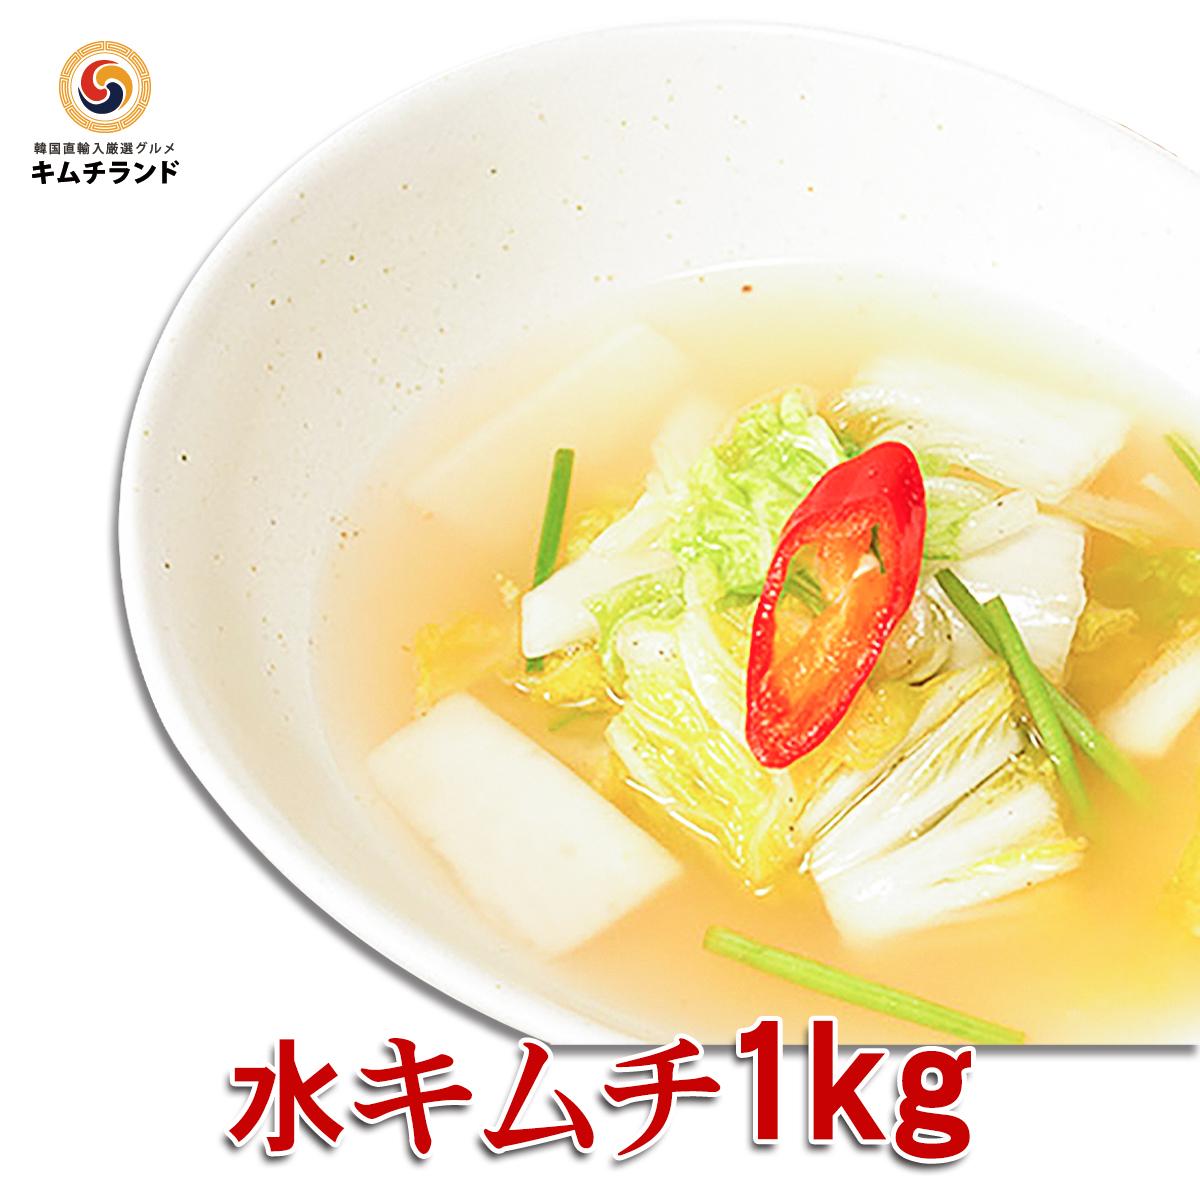 辛くなく 塩分控えめで誰でも食べやすい 優しい美味しさのキムチです 送料無料 高価値 一部地域を除く 水キムチ 1kg キムチランド謹製 植物性乳酸菌 白いキムチ 発酵食品 韓国食品 韓国食材 韓国 食品 食料品 漬物 韓国キムチ キムチ きむち 酒の肴 酒のつまみ おかず おつまみ ごはんのお供 たべもの 食べ物 ごはんのおとも ご飯のおとも ご飯のお供